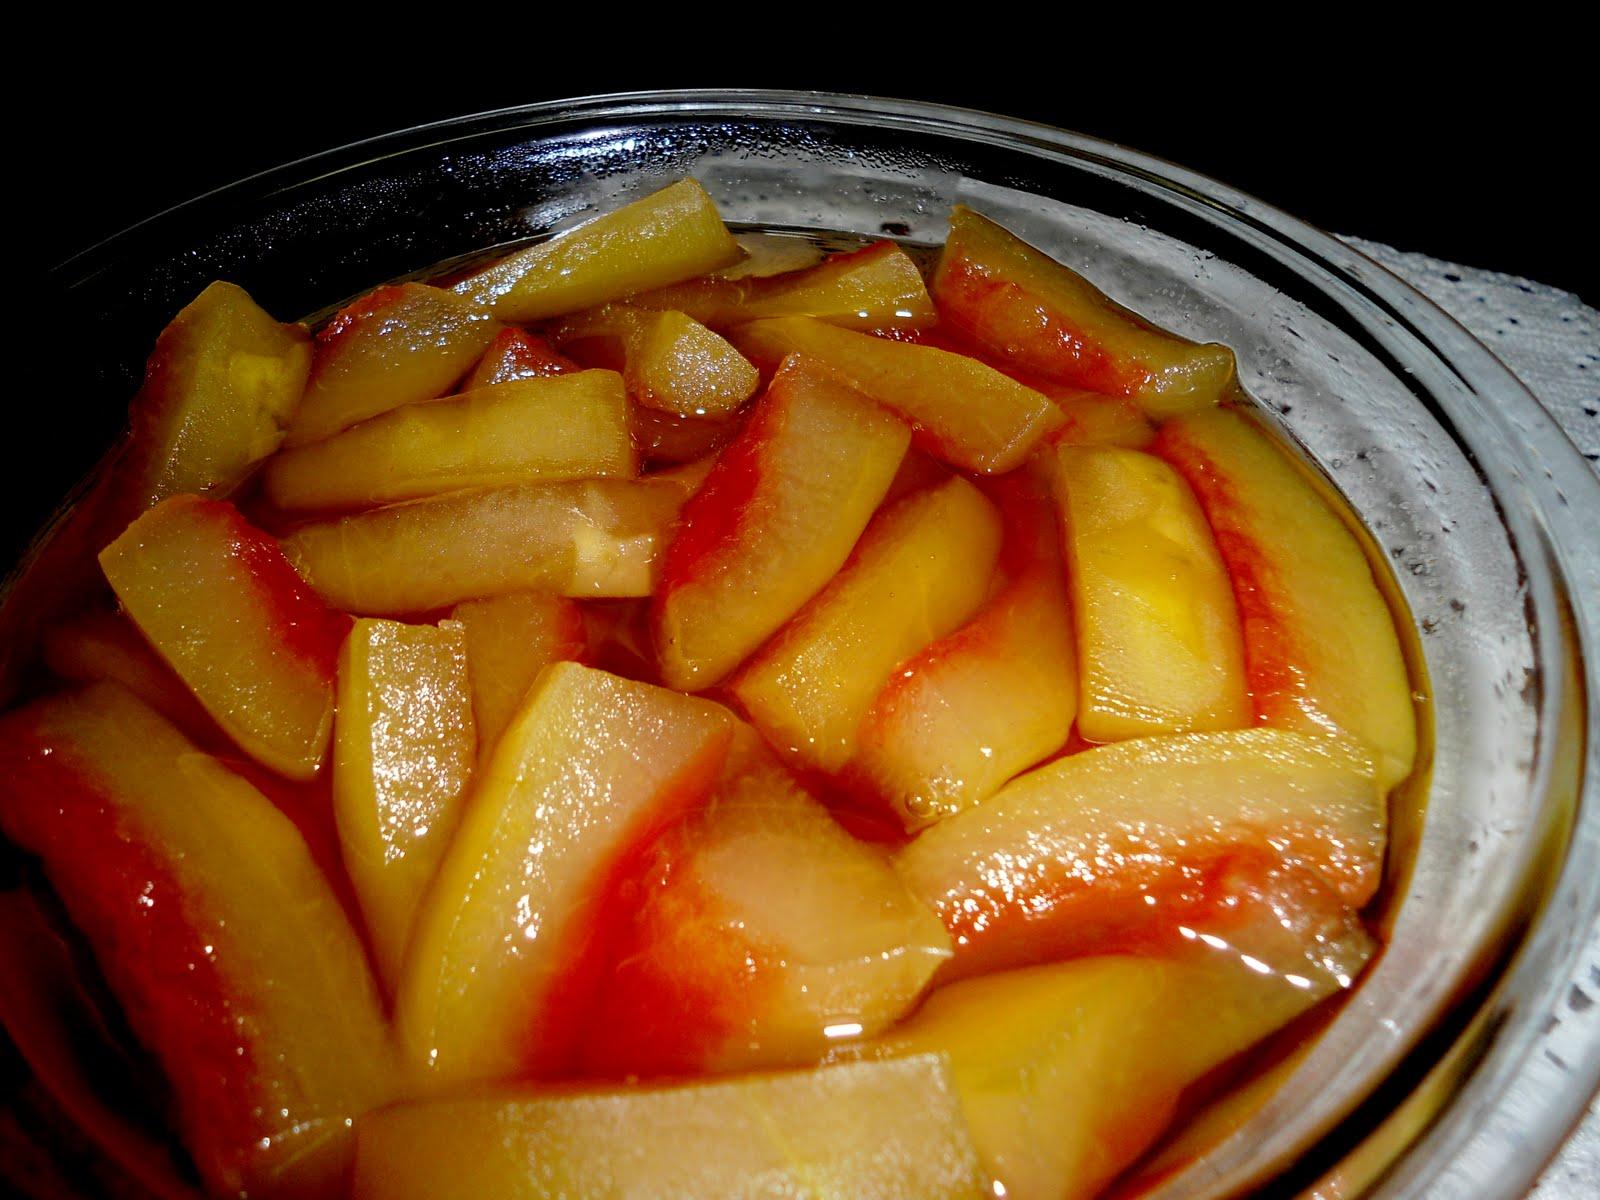 Doce de casca de melancia 03